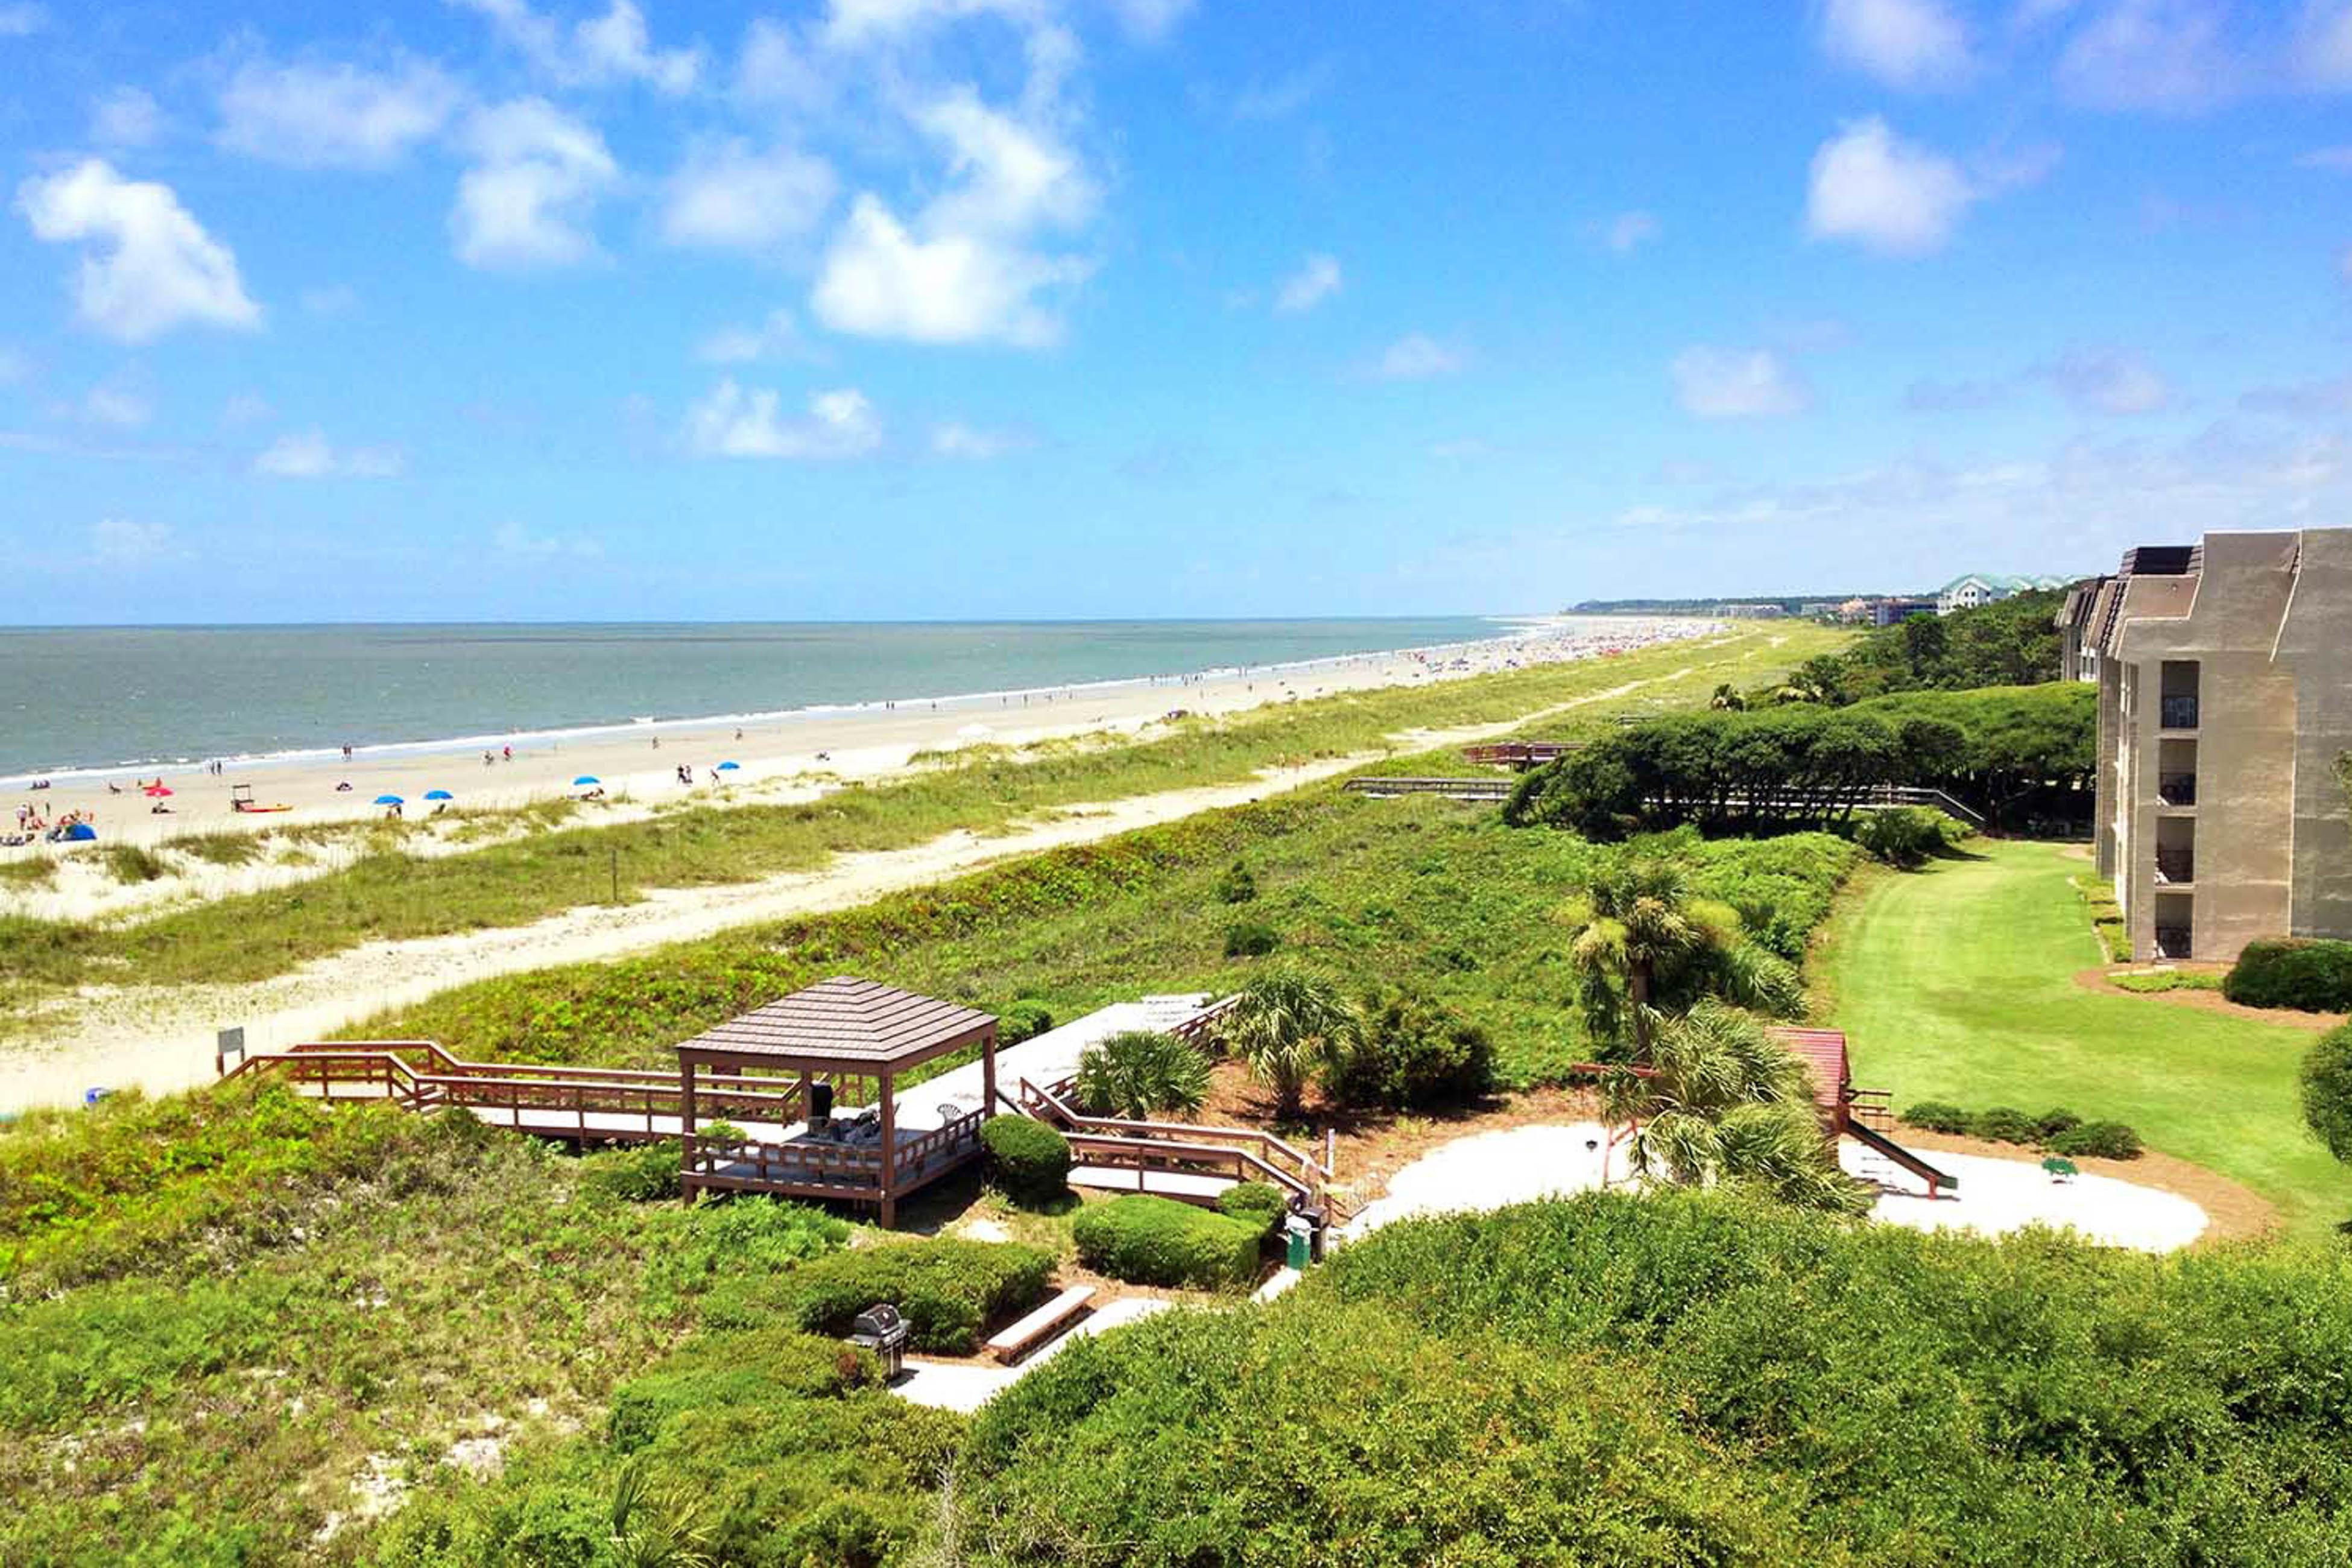 Island Club 108 Vacation Rental In Hilton Head Sc Hhi